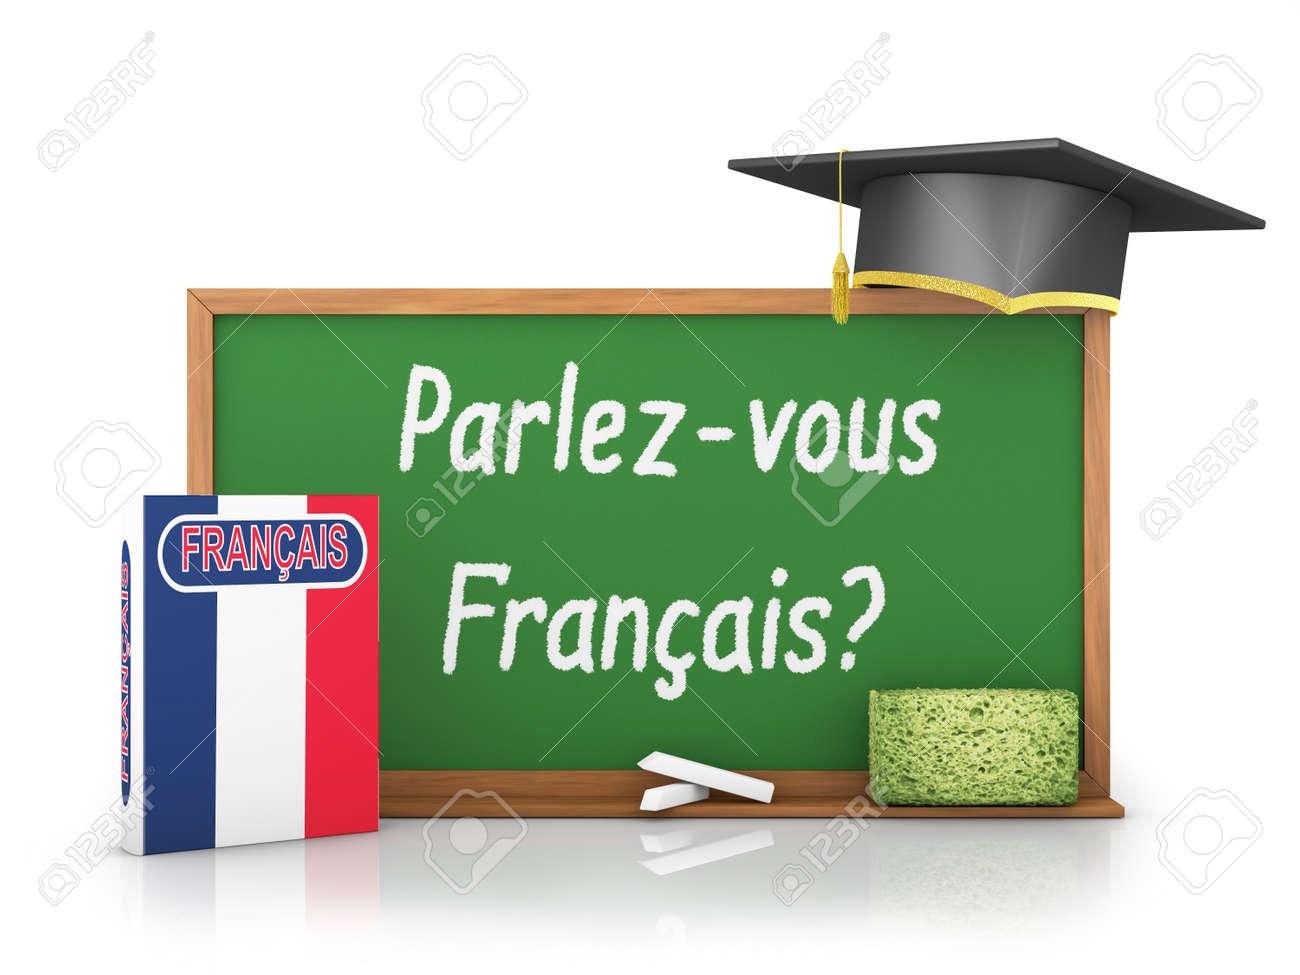 Livre Francais Avec Un Drapeau Et Un Tableau Noir Sur Lequel Est Ecrit Parlez Vous D Un Francais